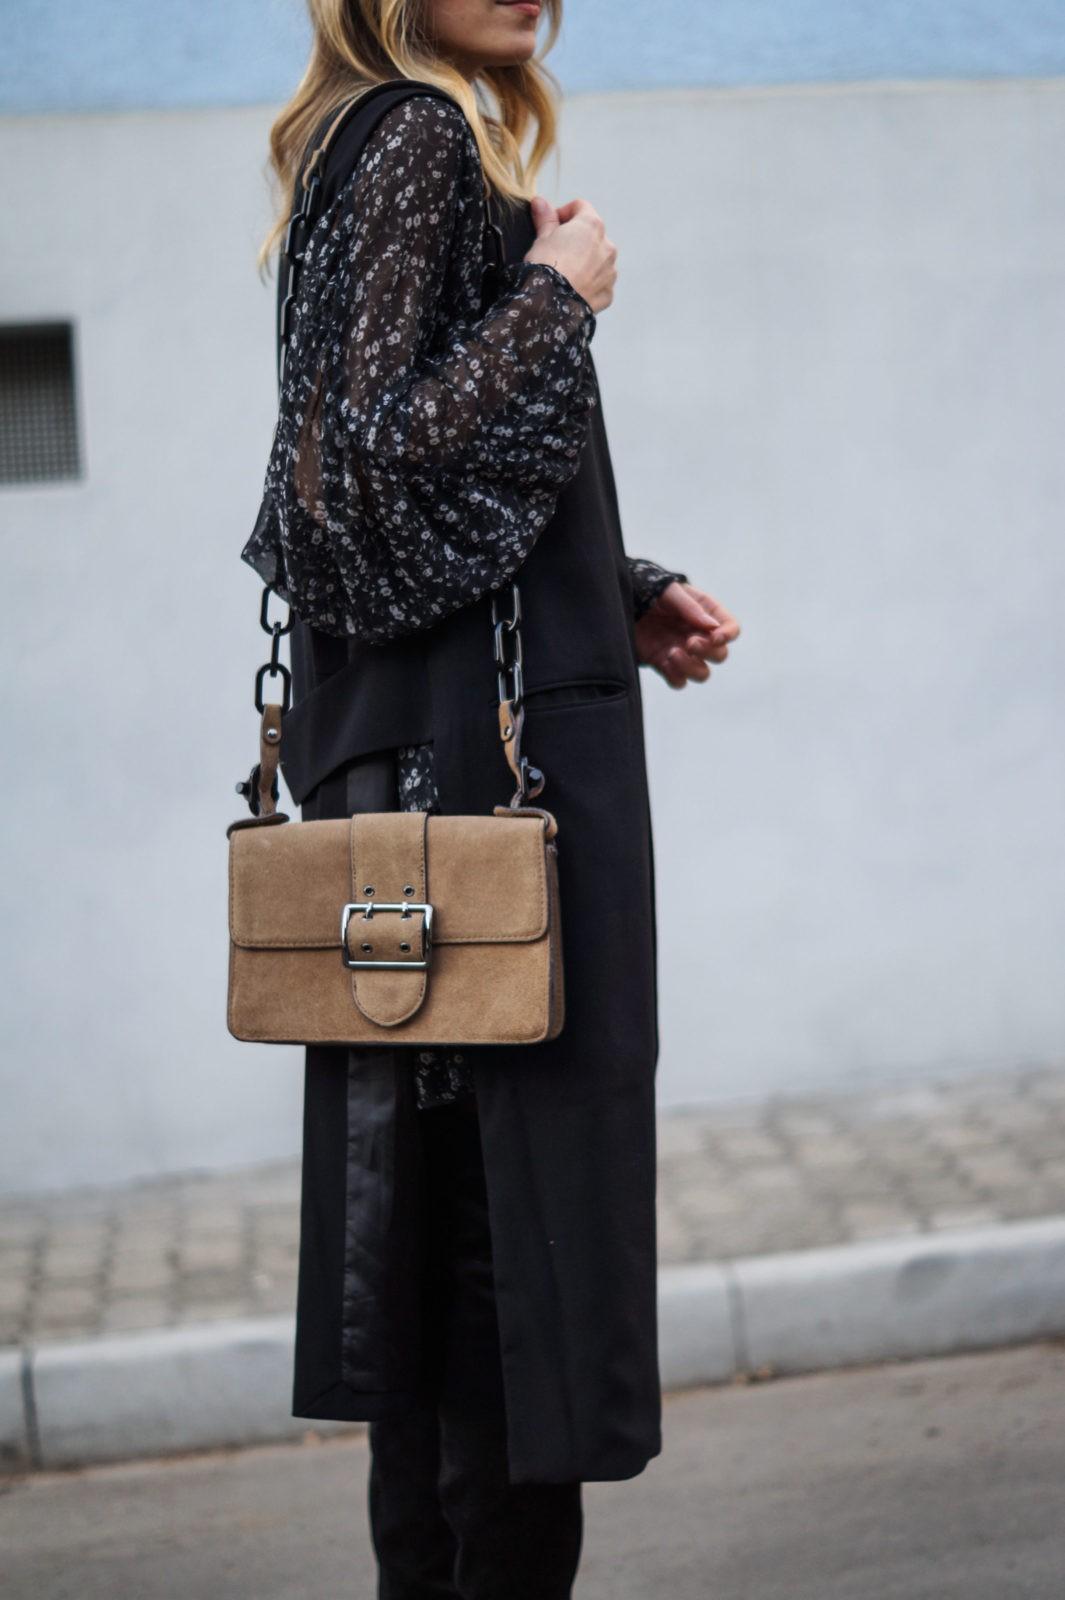 Fashionblogger Sariety Sarah Czok Modeblog Heidelberg Romper Dress Zara  Minikleid overknees blümchenkleid schwarz outfit details tasche braun mango 601543d197